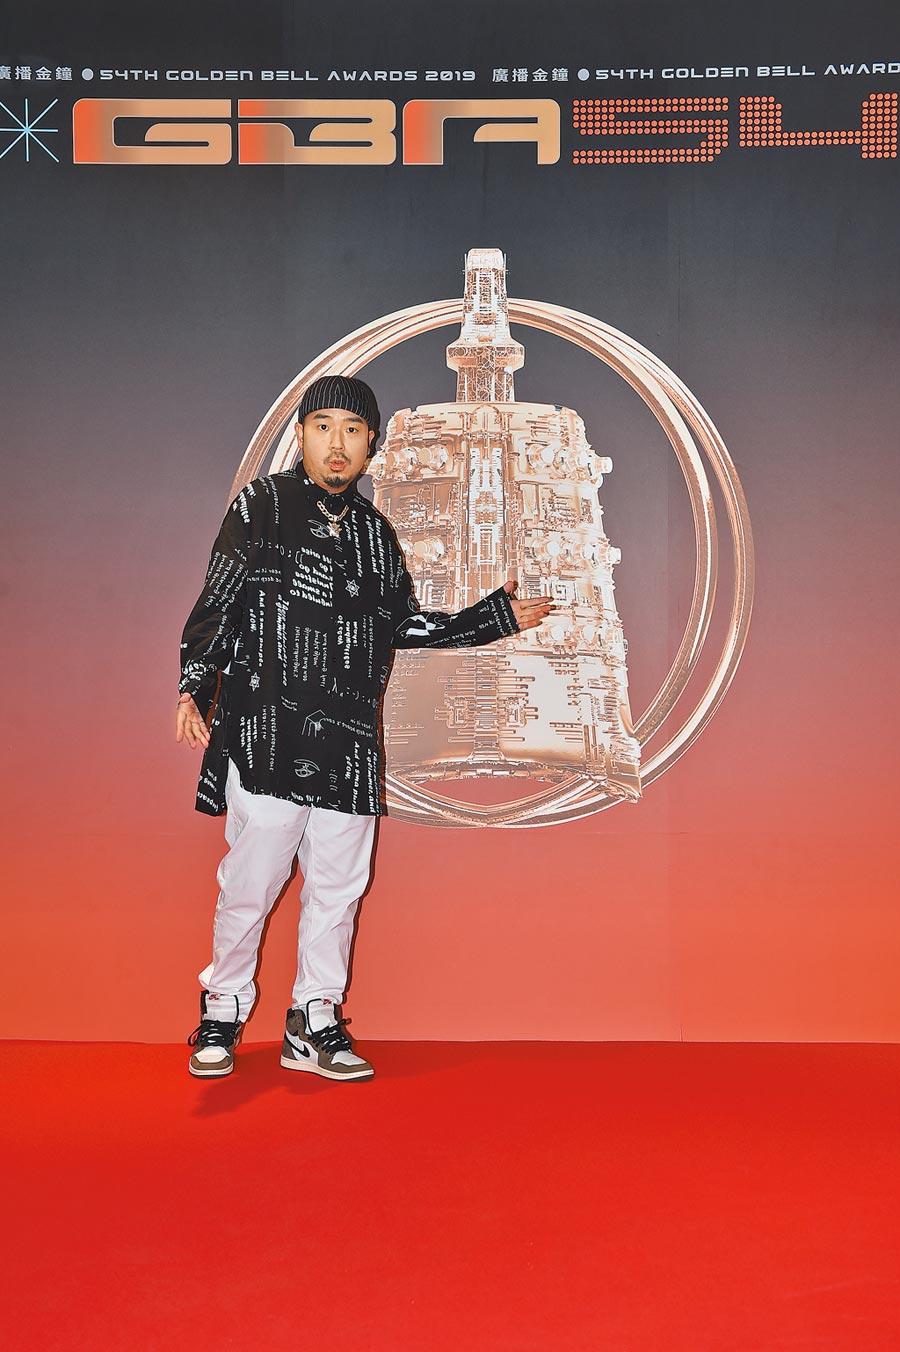 阿達昨擔任第54屆廣播金鐘獎,入圍名單揭曉嘉賓。